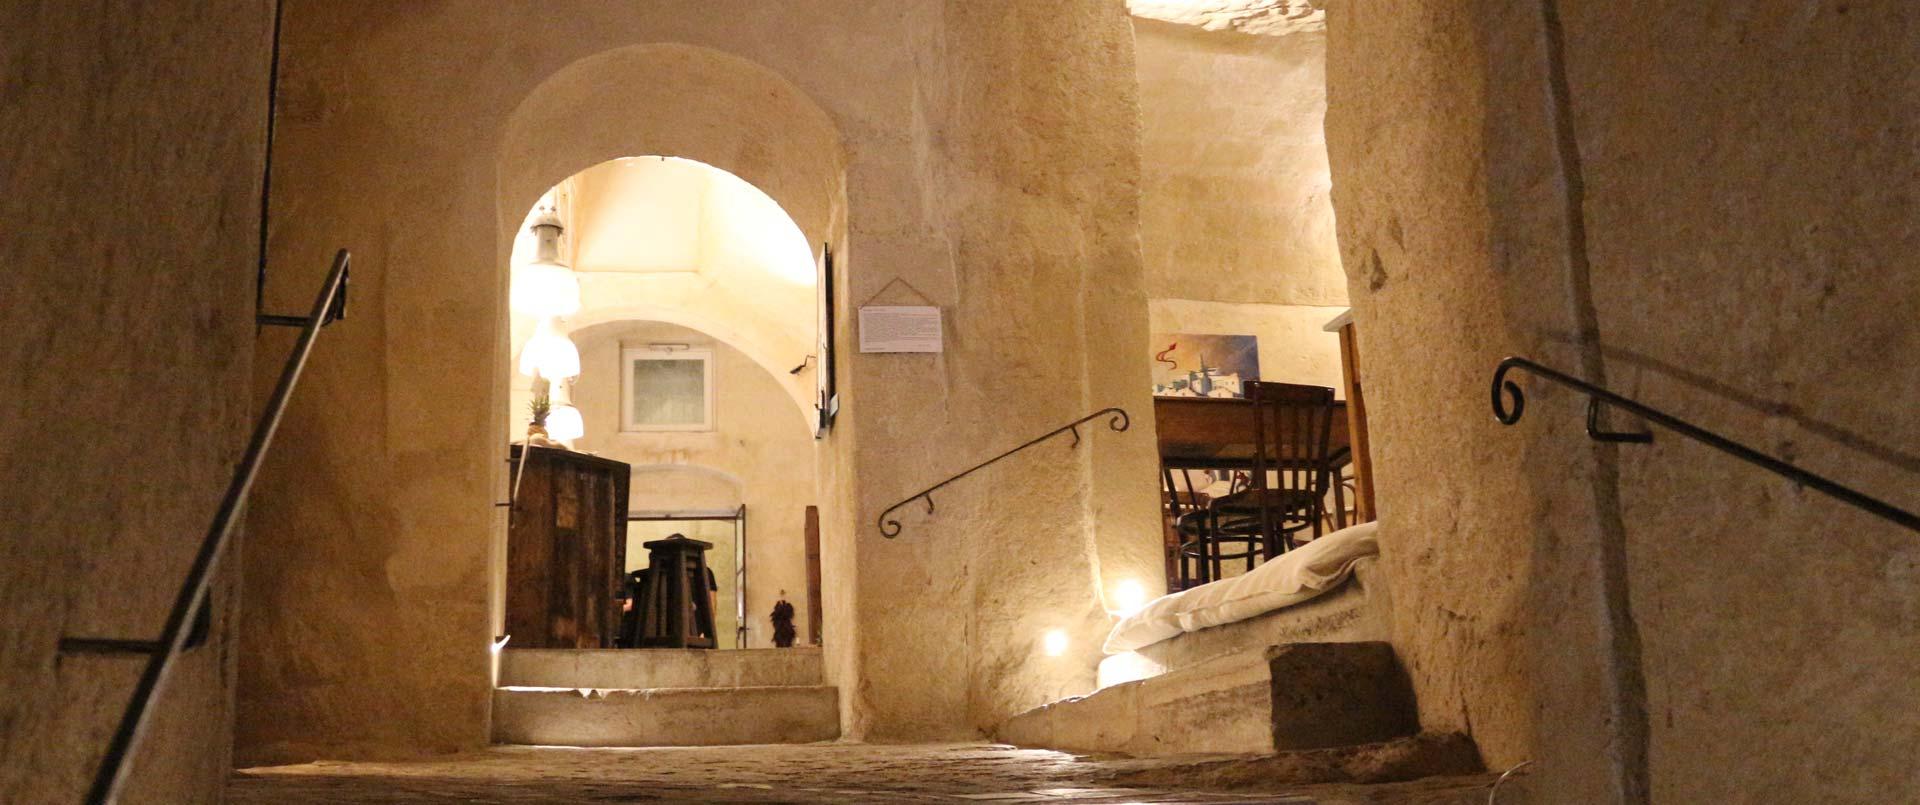 la-lopa-ristorante-pub-aperitivi-stuzzicheria-wine-bar-happy-hour-sassi-di-matera-basilicata98